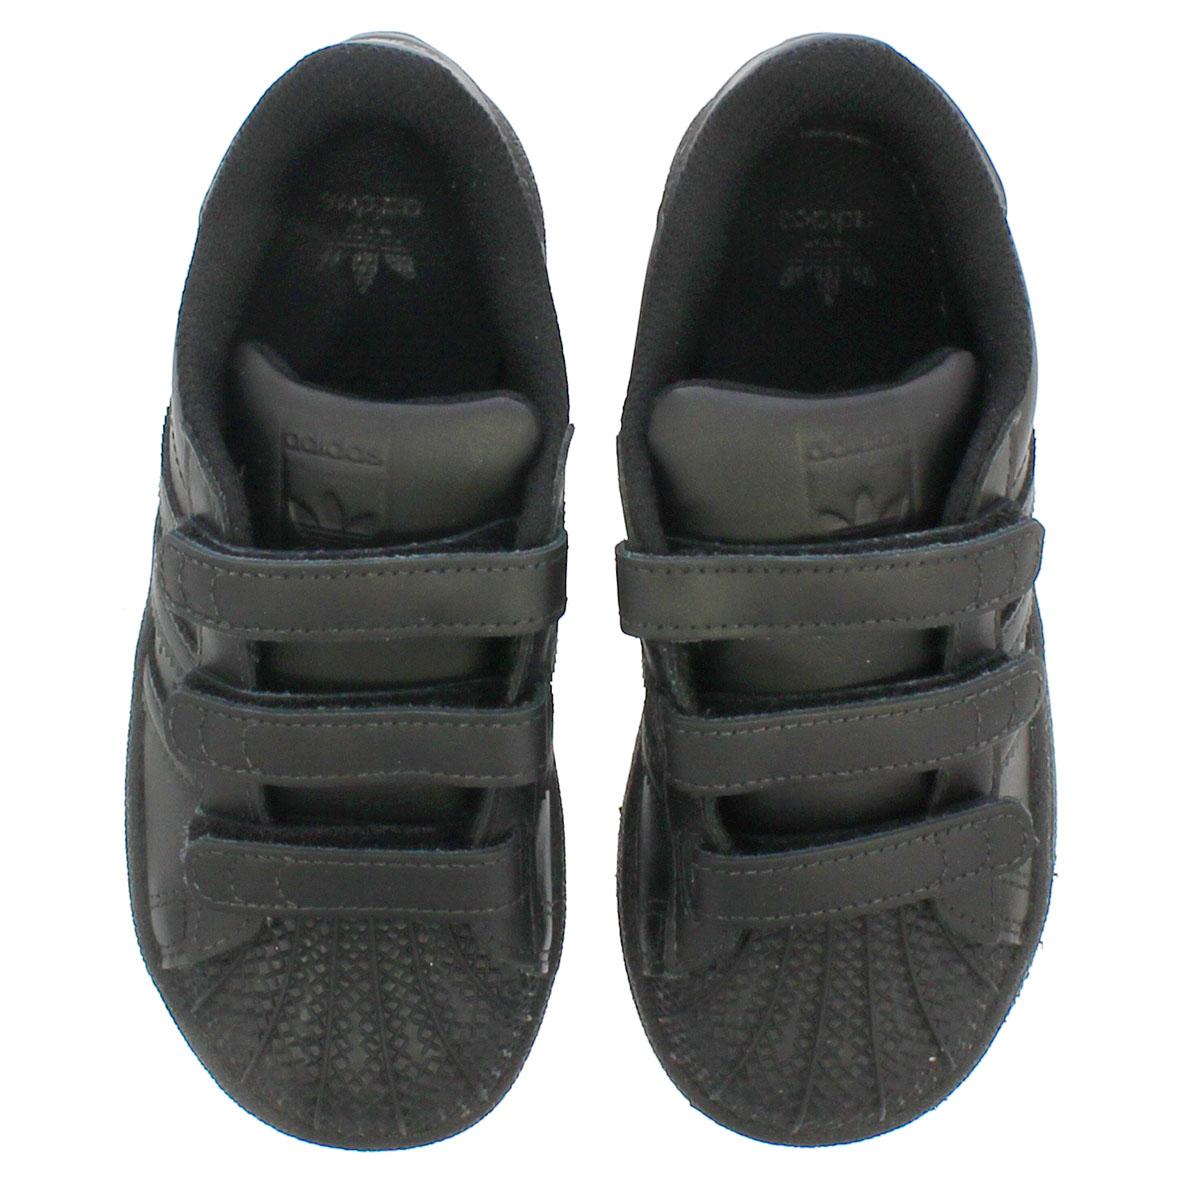 5eb7dd8c7eb20 adidas SUPERSTAR CF I Adidas superstar CF I CORE BLACK CORE BLACK CORE  BLACK bz0417